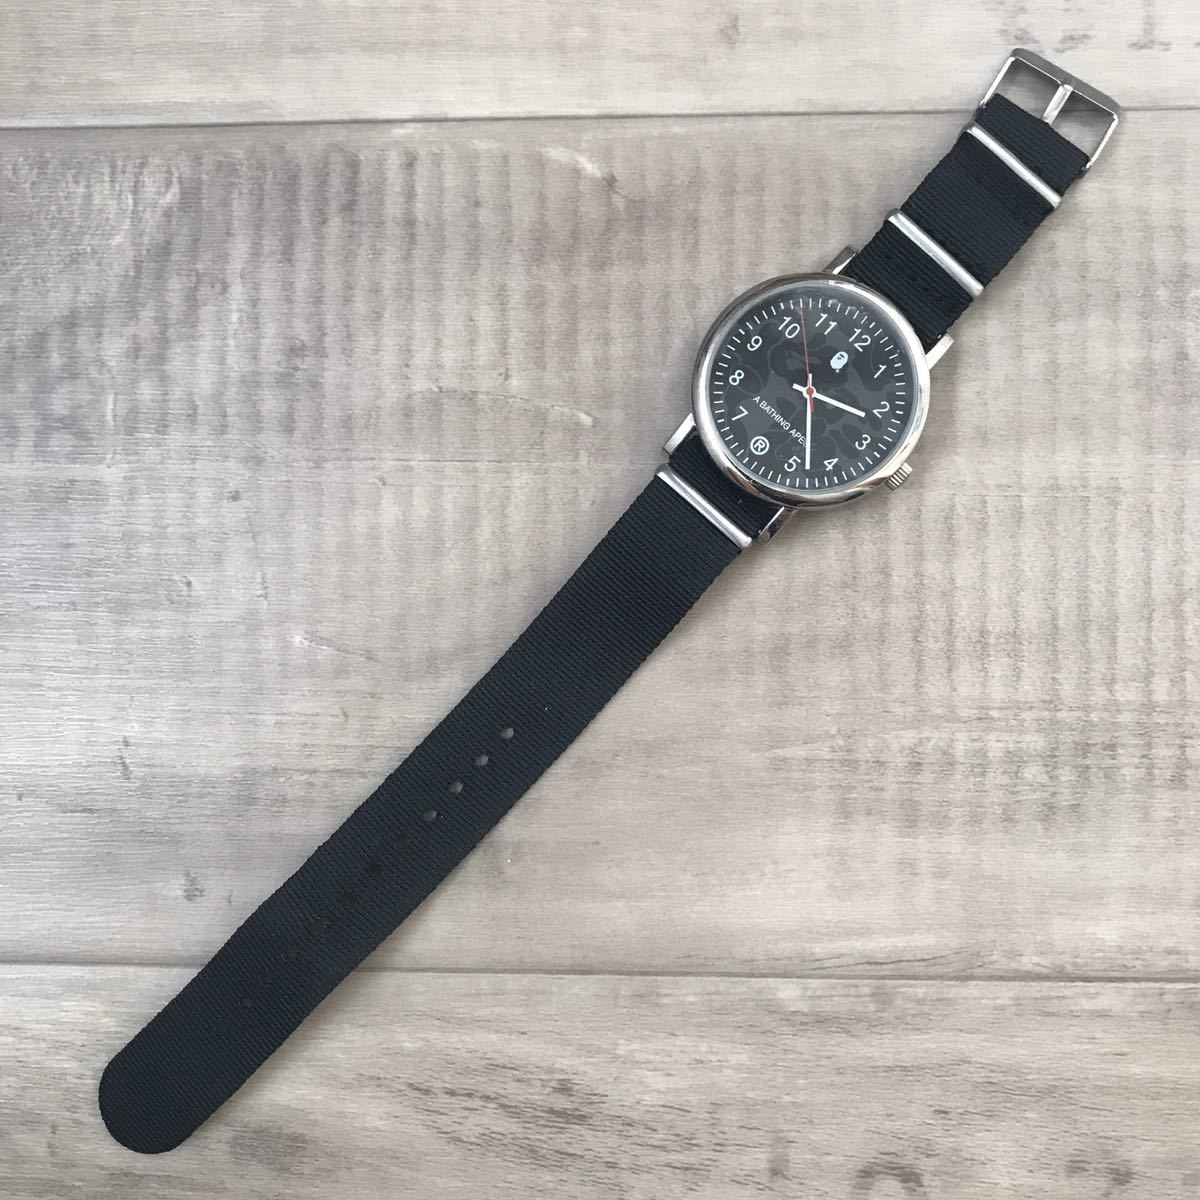 ☆新品☆ BAPE ビッグフェイス ミリタリー ウォッチ 腕時計 watch 時計 エイプ ベイプ アベイシングエイプ clock bapex a bathing ape